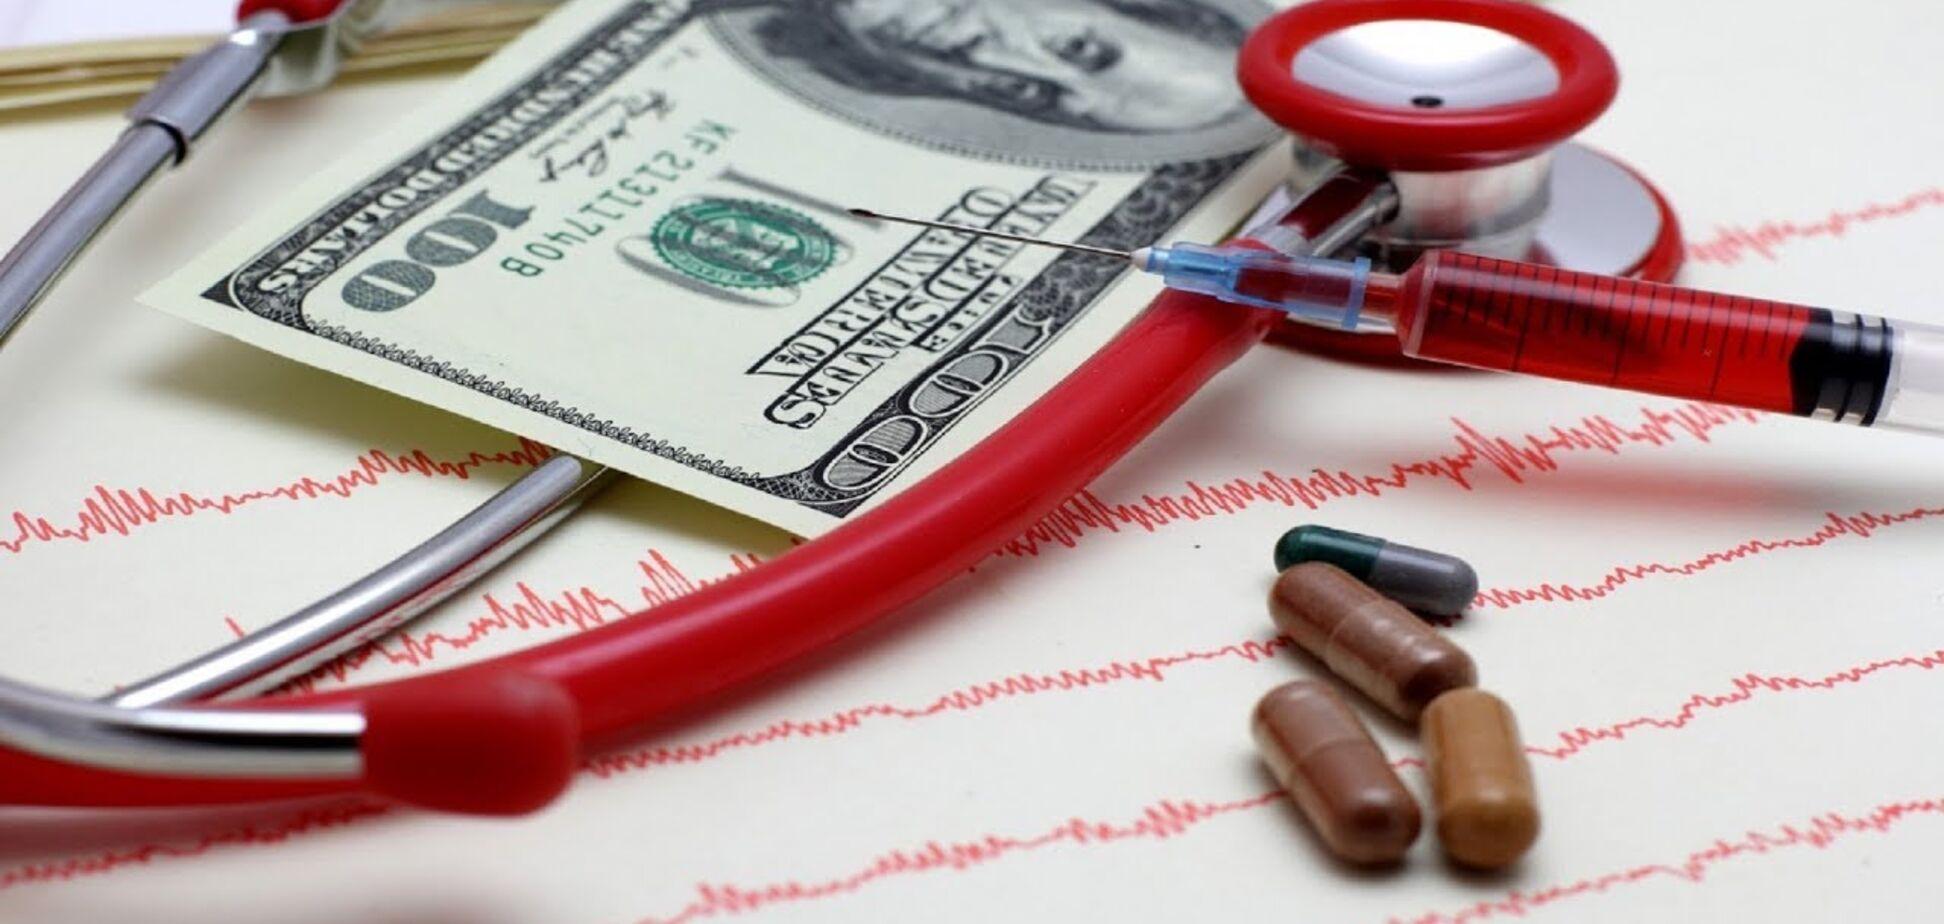 Про податки і платних хірургів: у МОЗ розповіли правду про медреформу